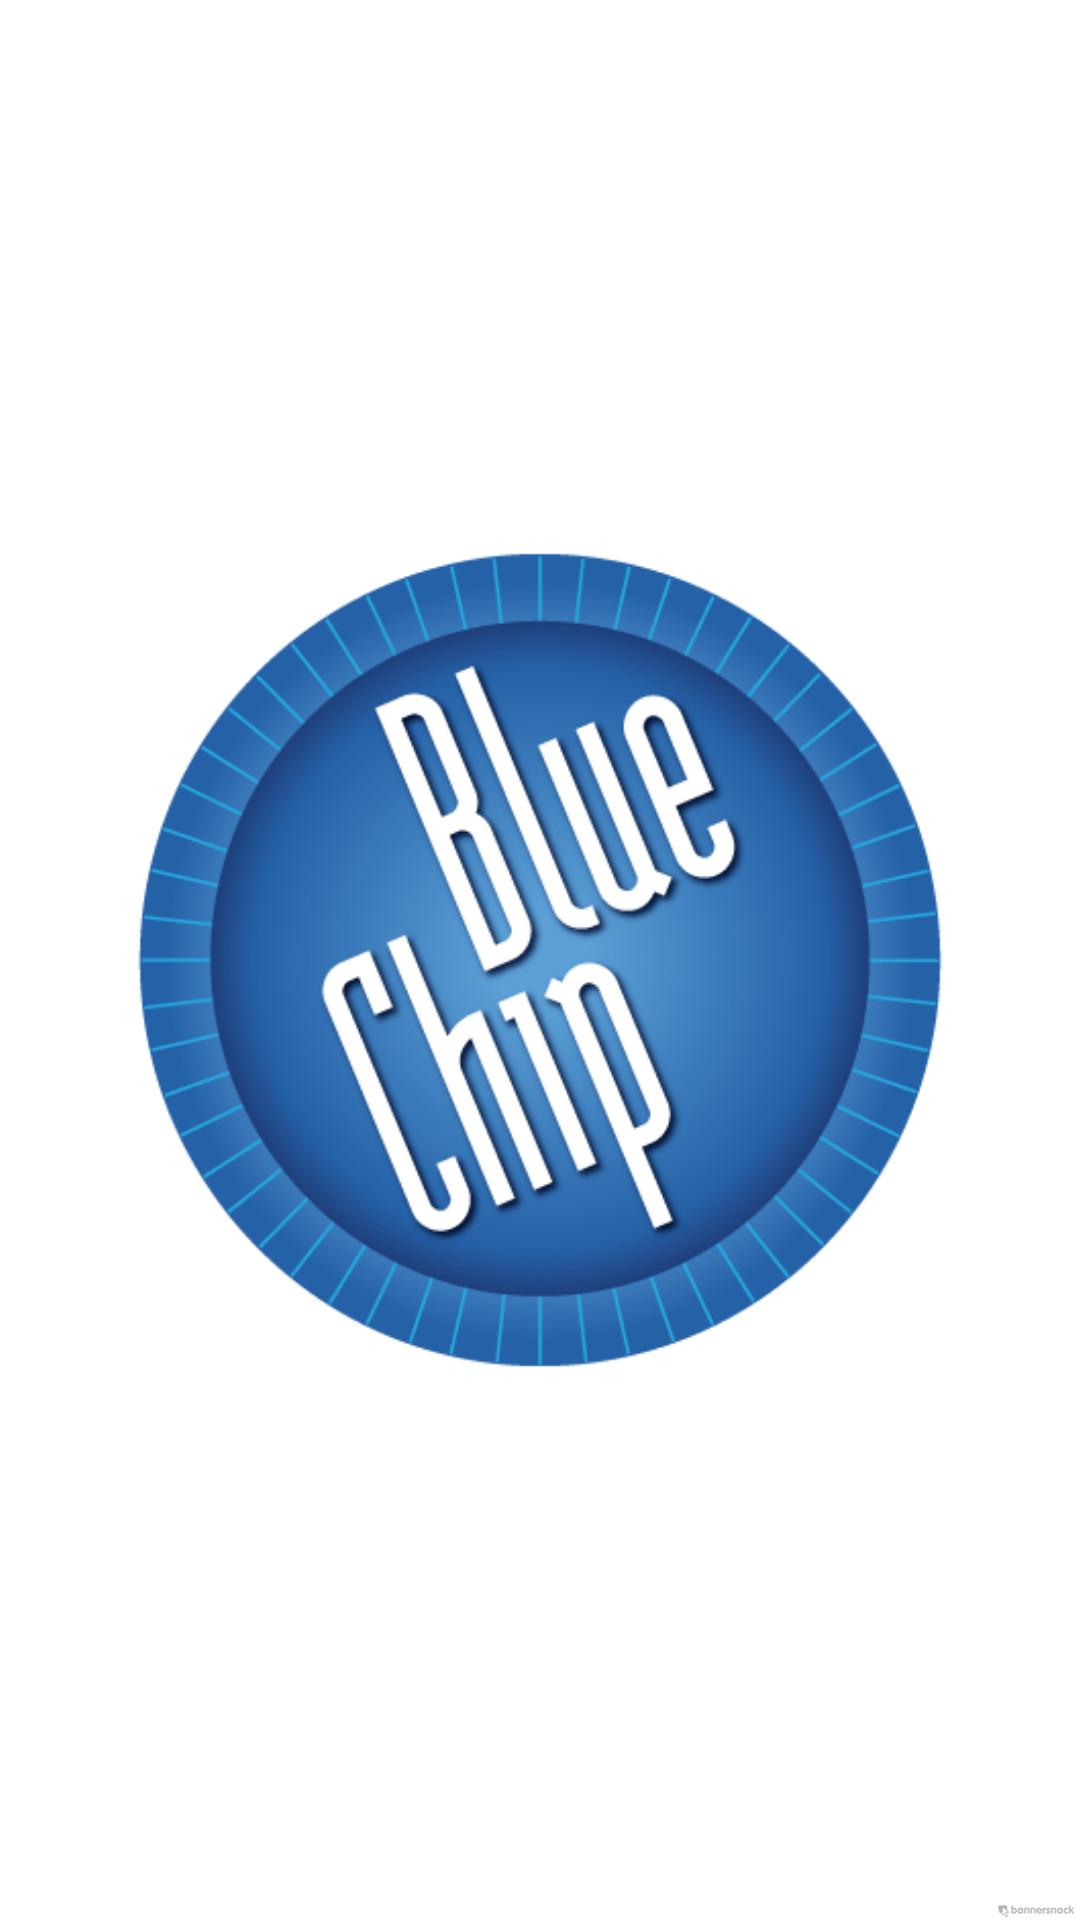 9. Saham Bluechip - Tidak ada definisi resmi untuk saham blue chip, tetapi pada umumnya saham bluechip adalah perusahaan besar, stabil, dan secara finansial sehat serta merupakan pemimpin dalam industri mereka masing-masing.Baca Selengkapnya: saham Blue Chip